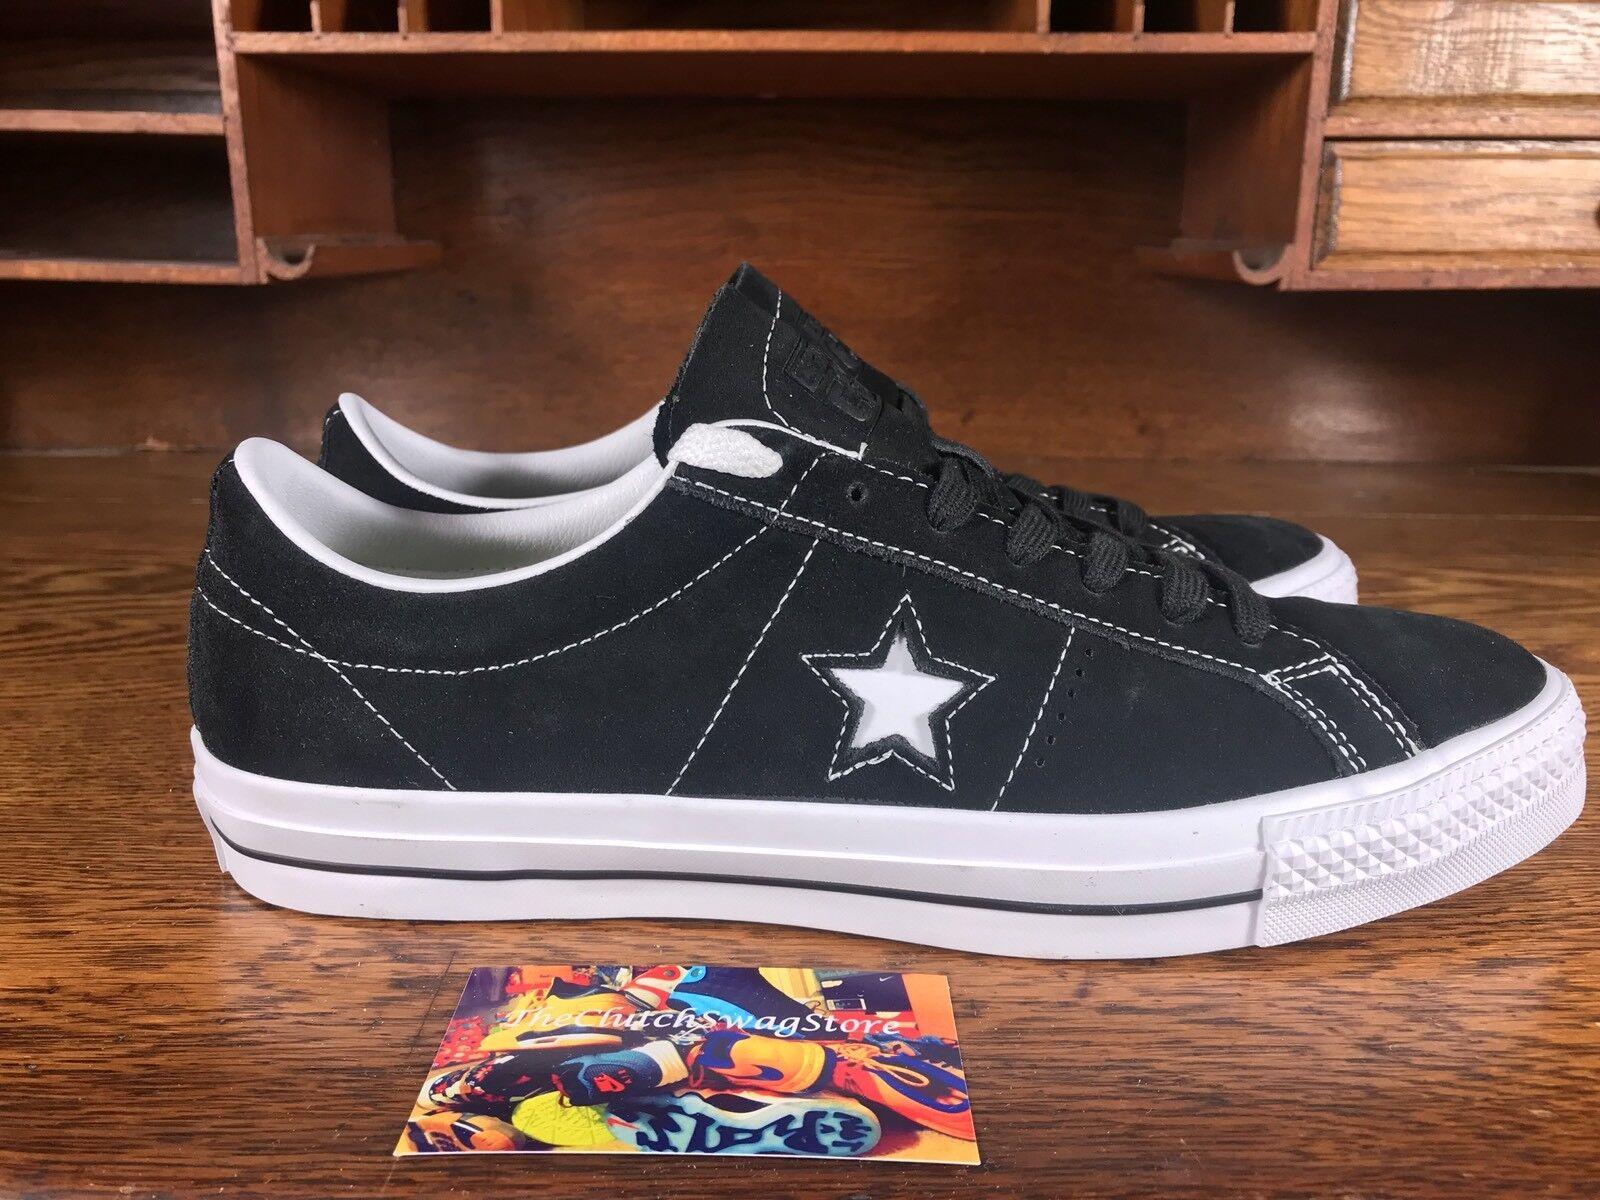 Converse One Star Skate/informales Gamuza todos Ox Hombre Negro/Blanco 2018908C todos Gamuza los tamaños de Zapatos f4f28b